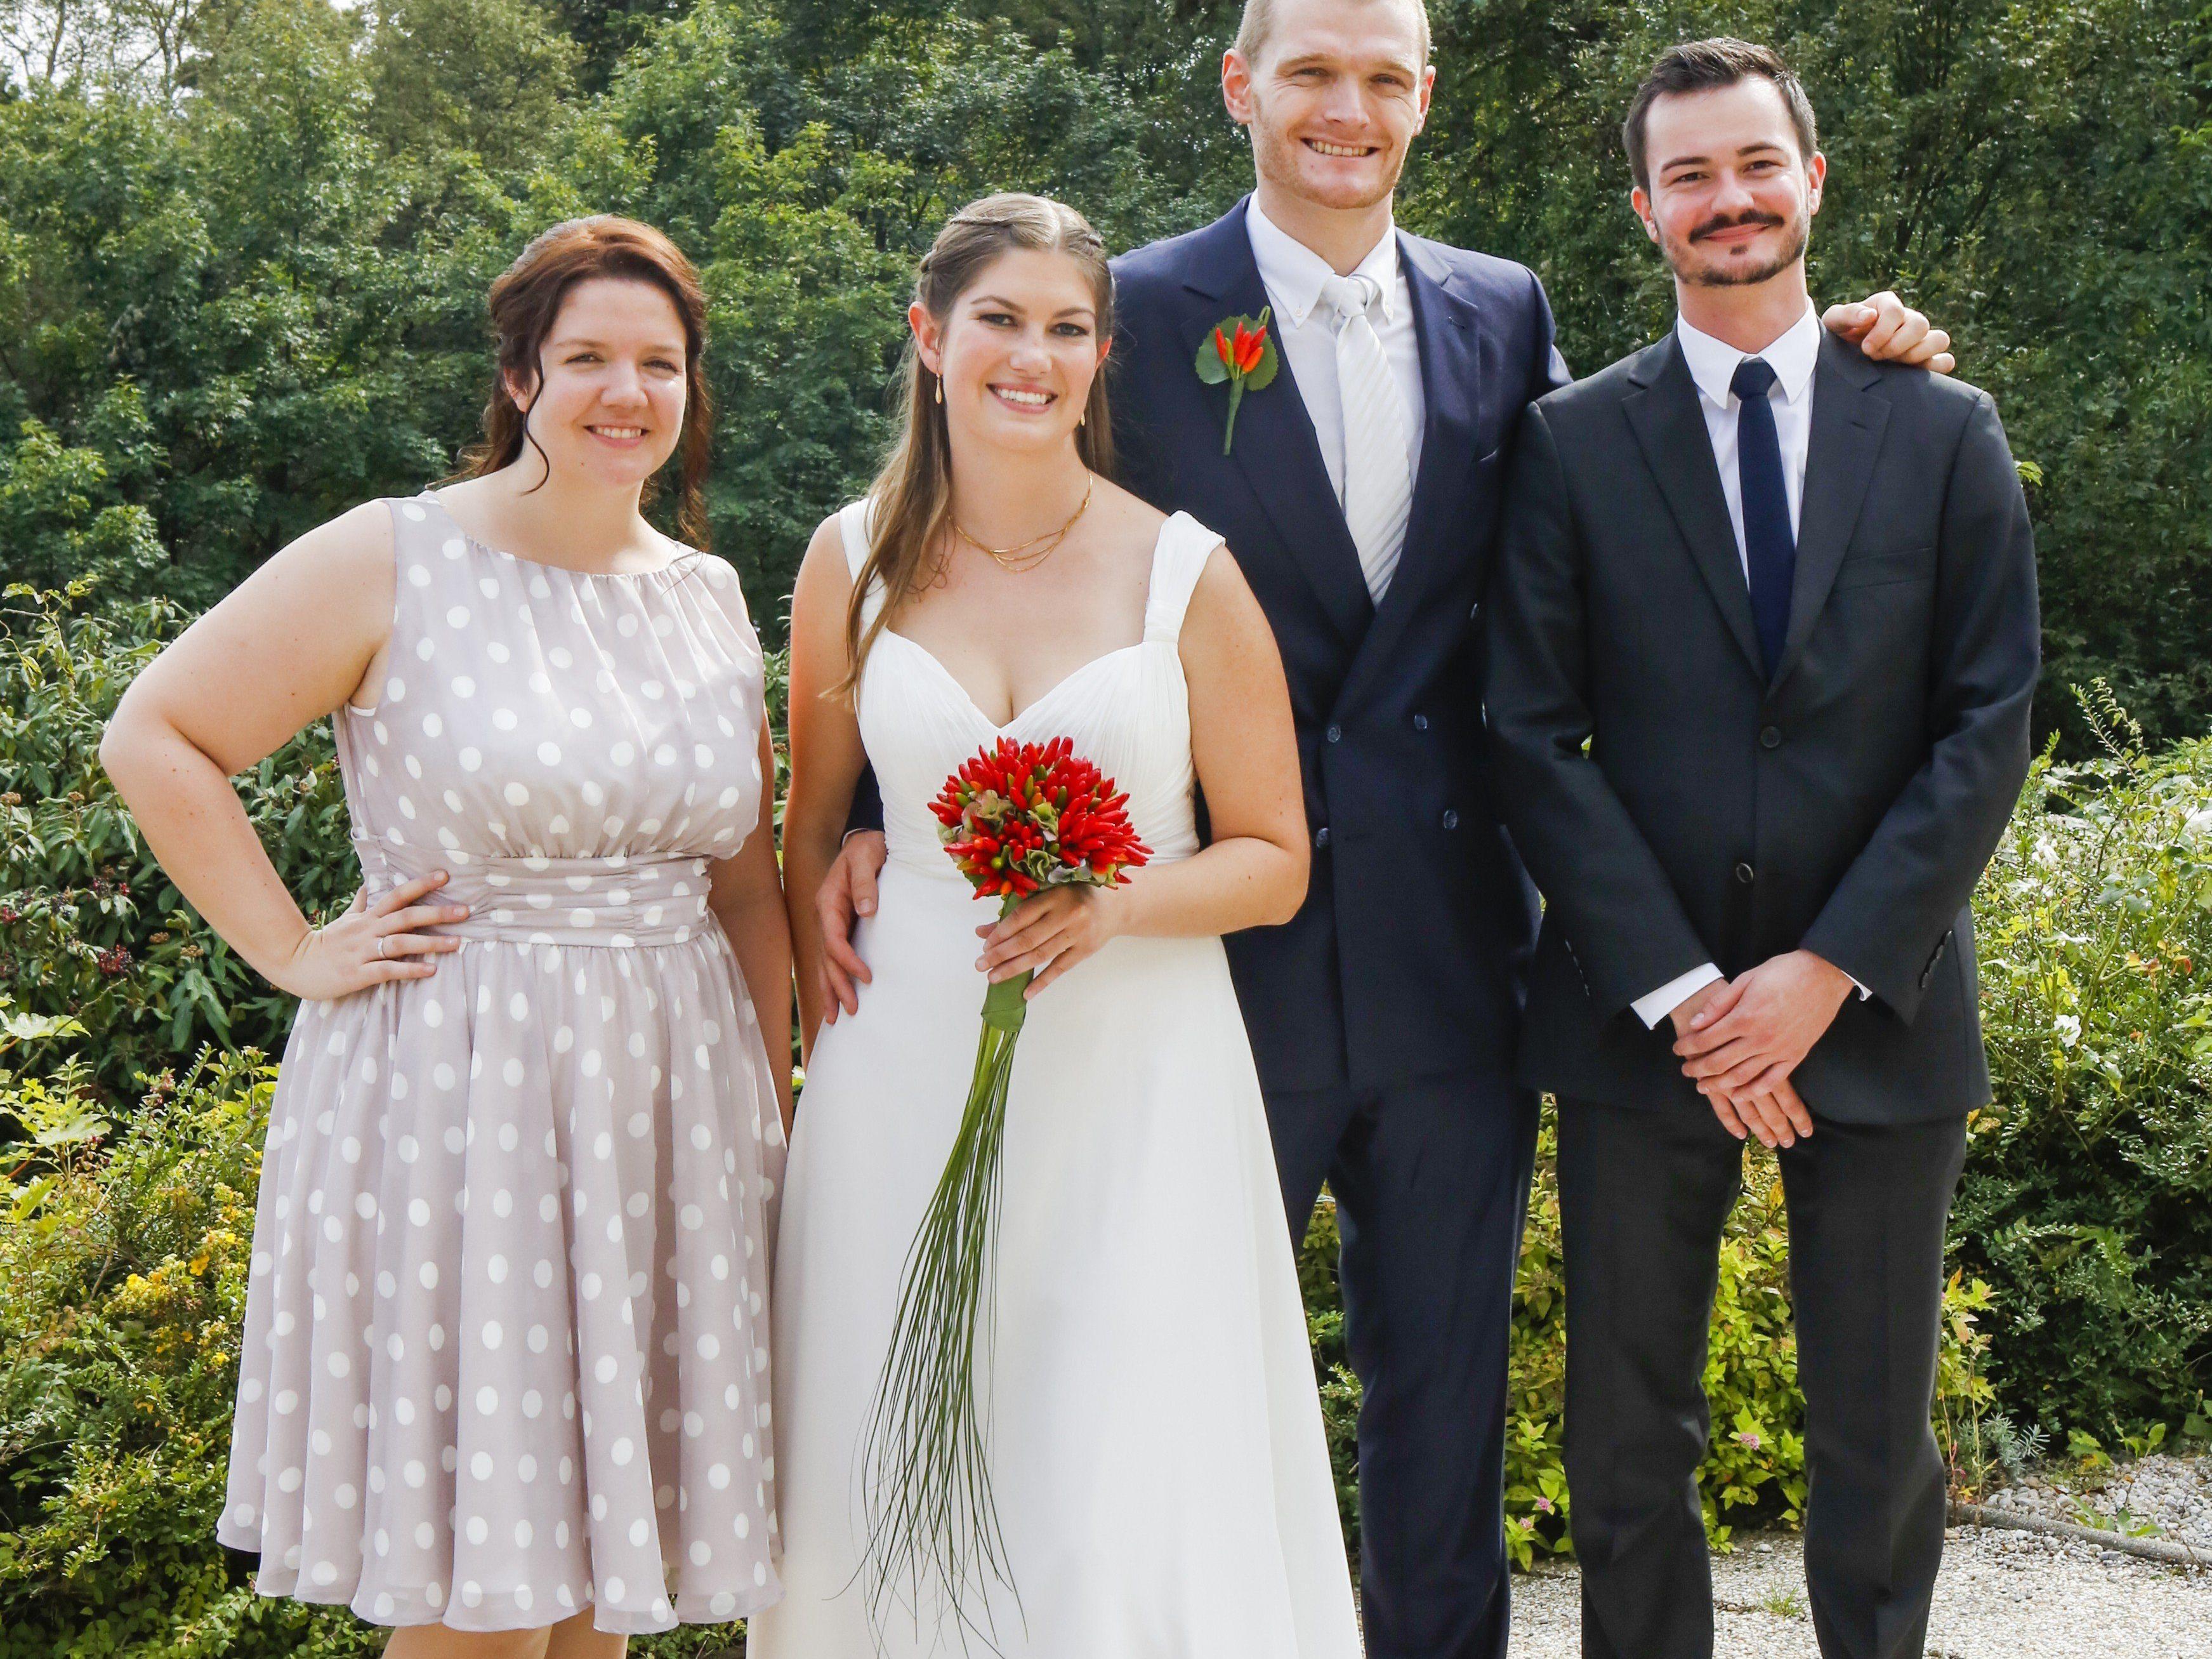 Kleinanzeigen partnersuche in ybbsitz - Urlaub partnersuche